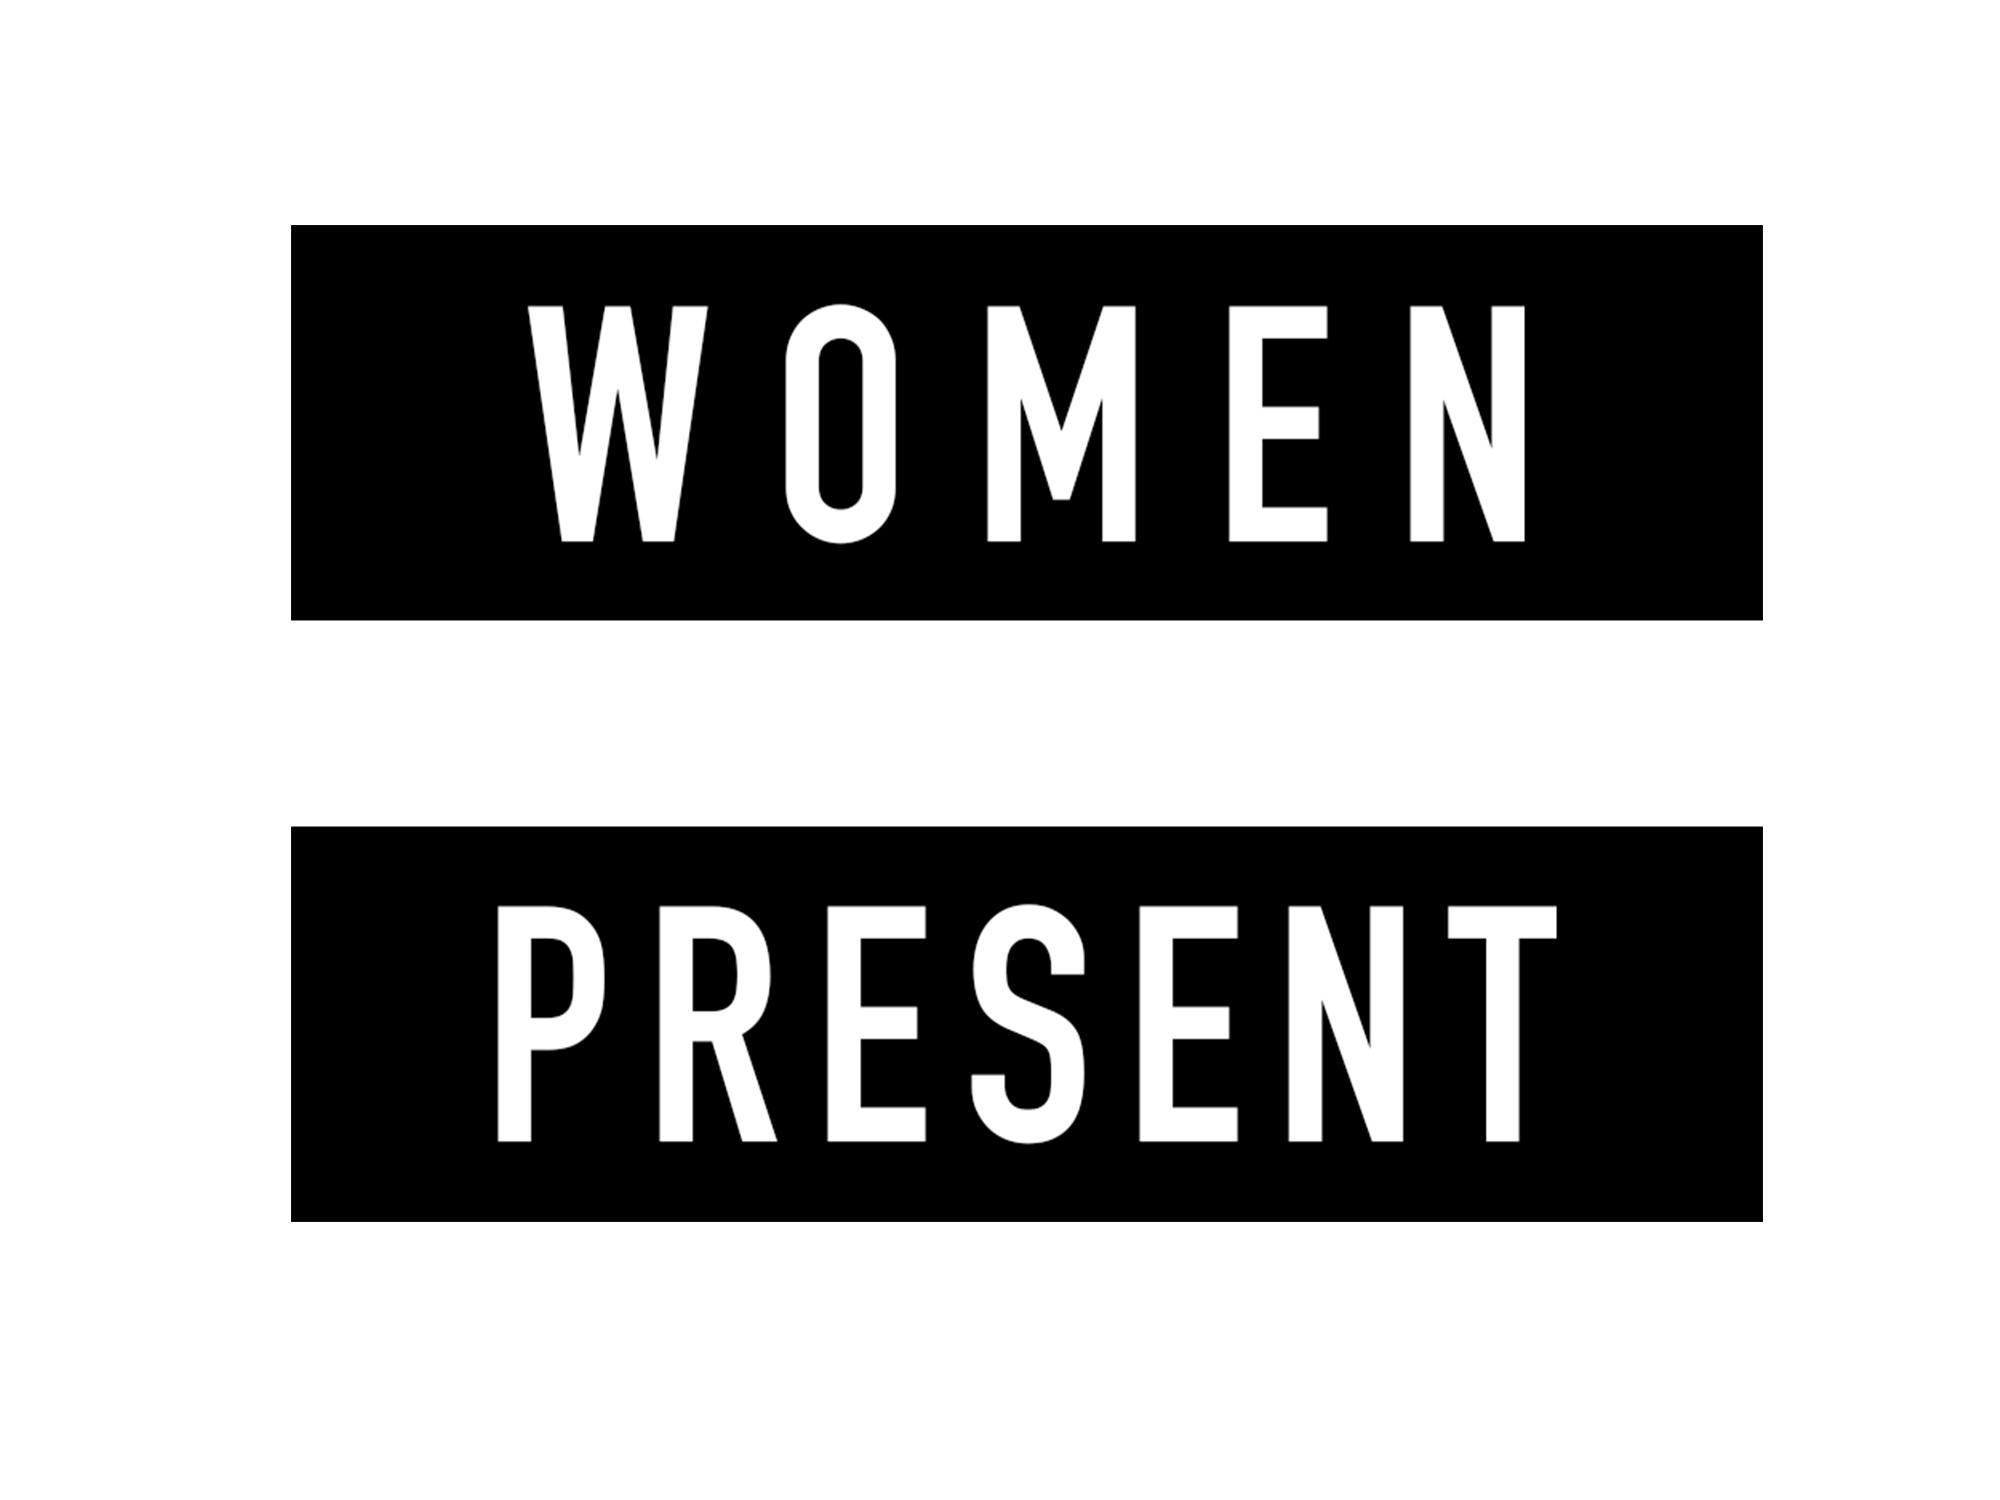 WomenPresentLogo.jpg